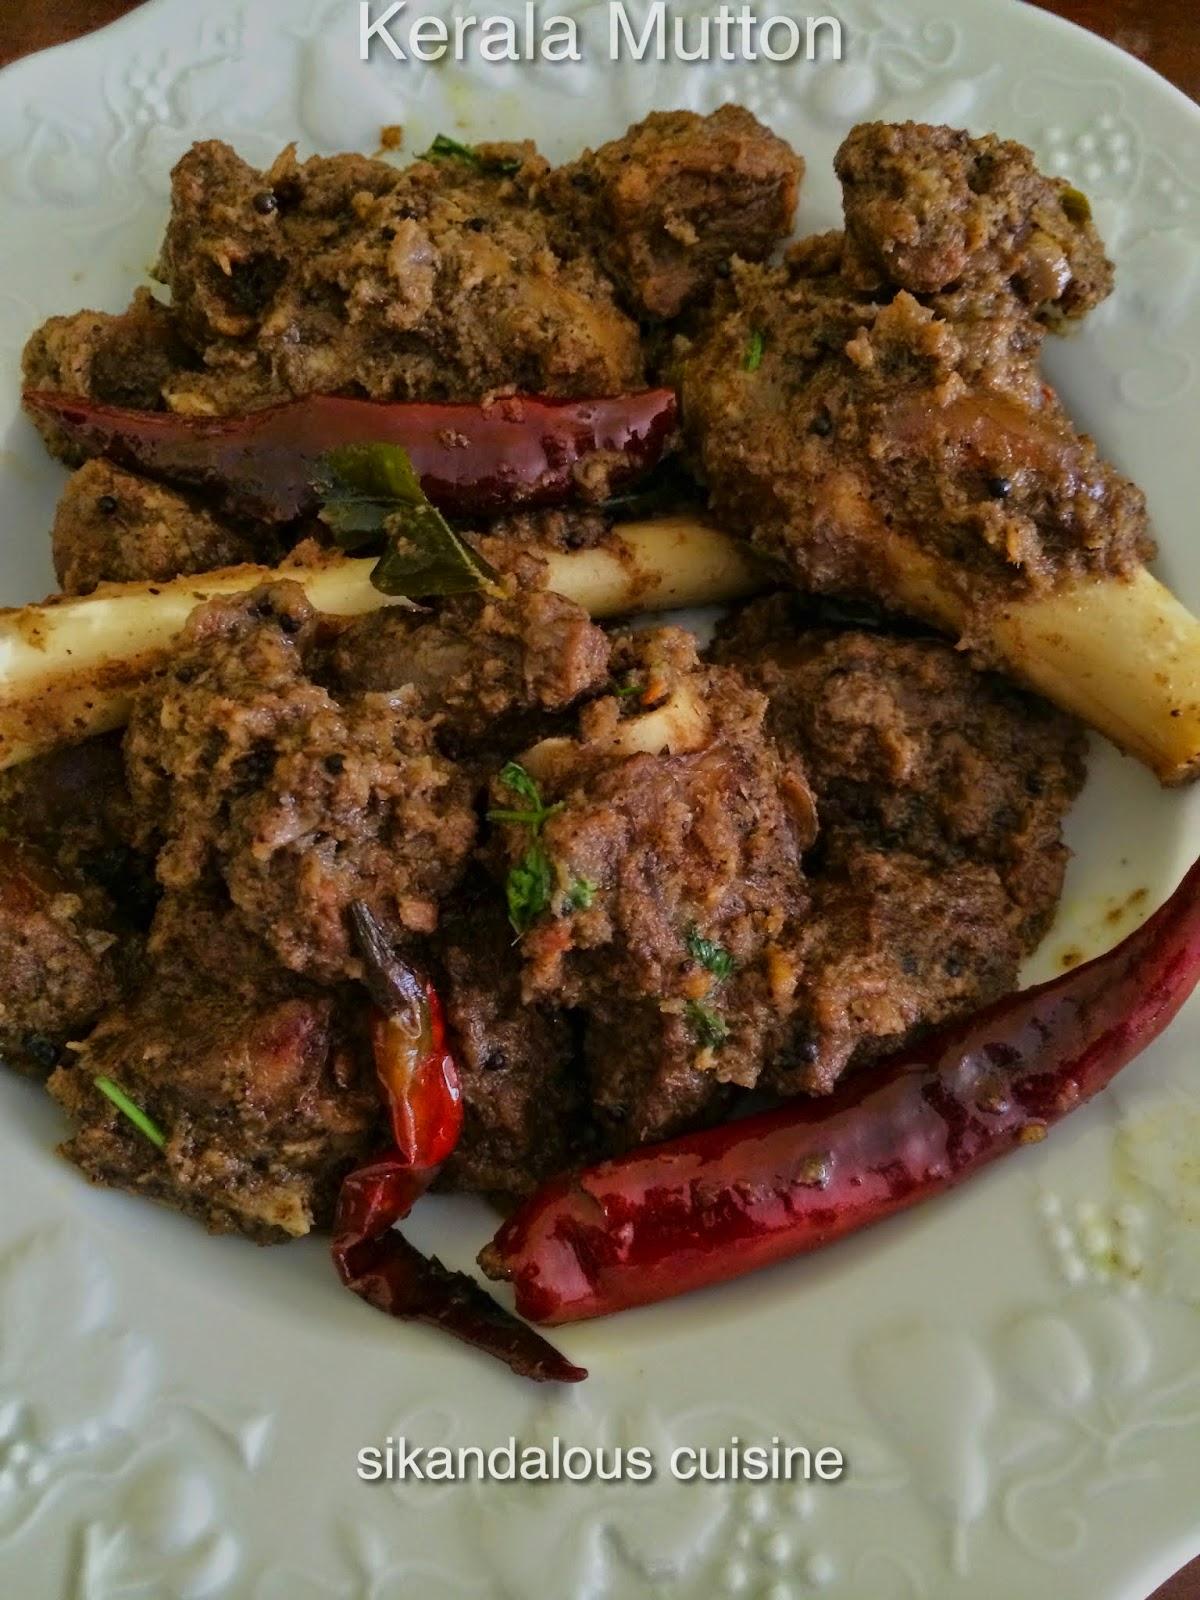 Sikandalous cuisine kerala lamb for Cuisine kerala